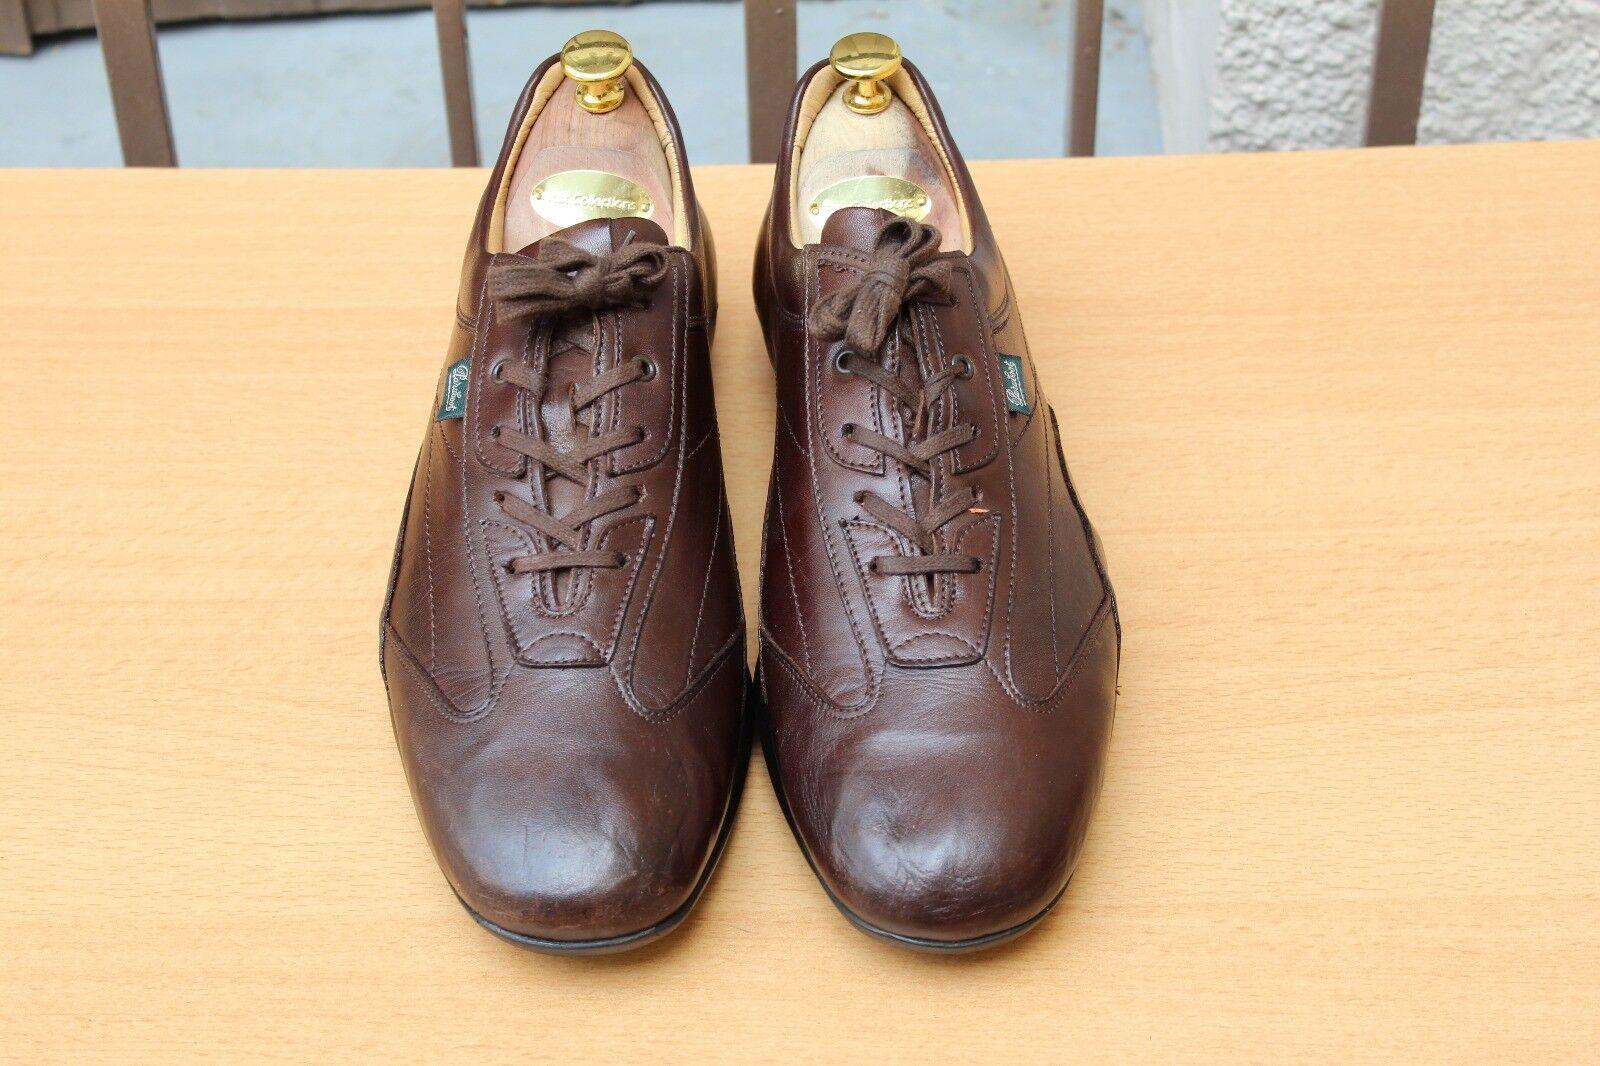 shoes DERBY PARABOOT A LACETS COUSU BLAKE 10,5  44,5 EXCELLENT ETAT SHOES